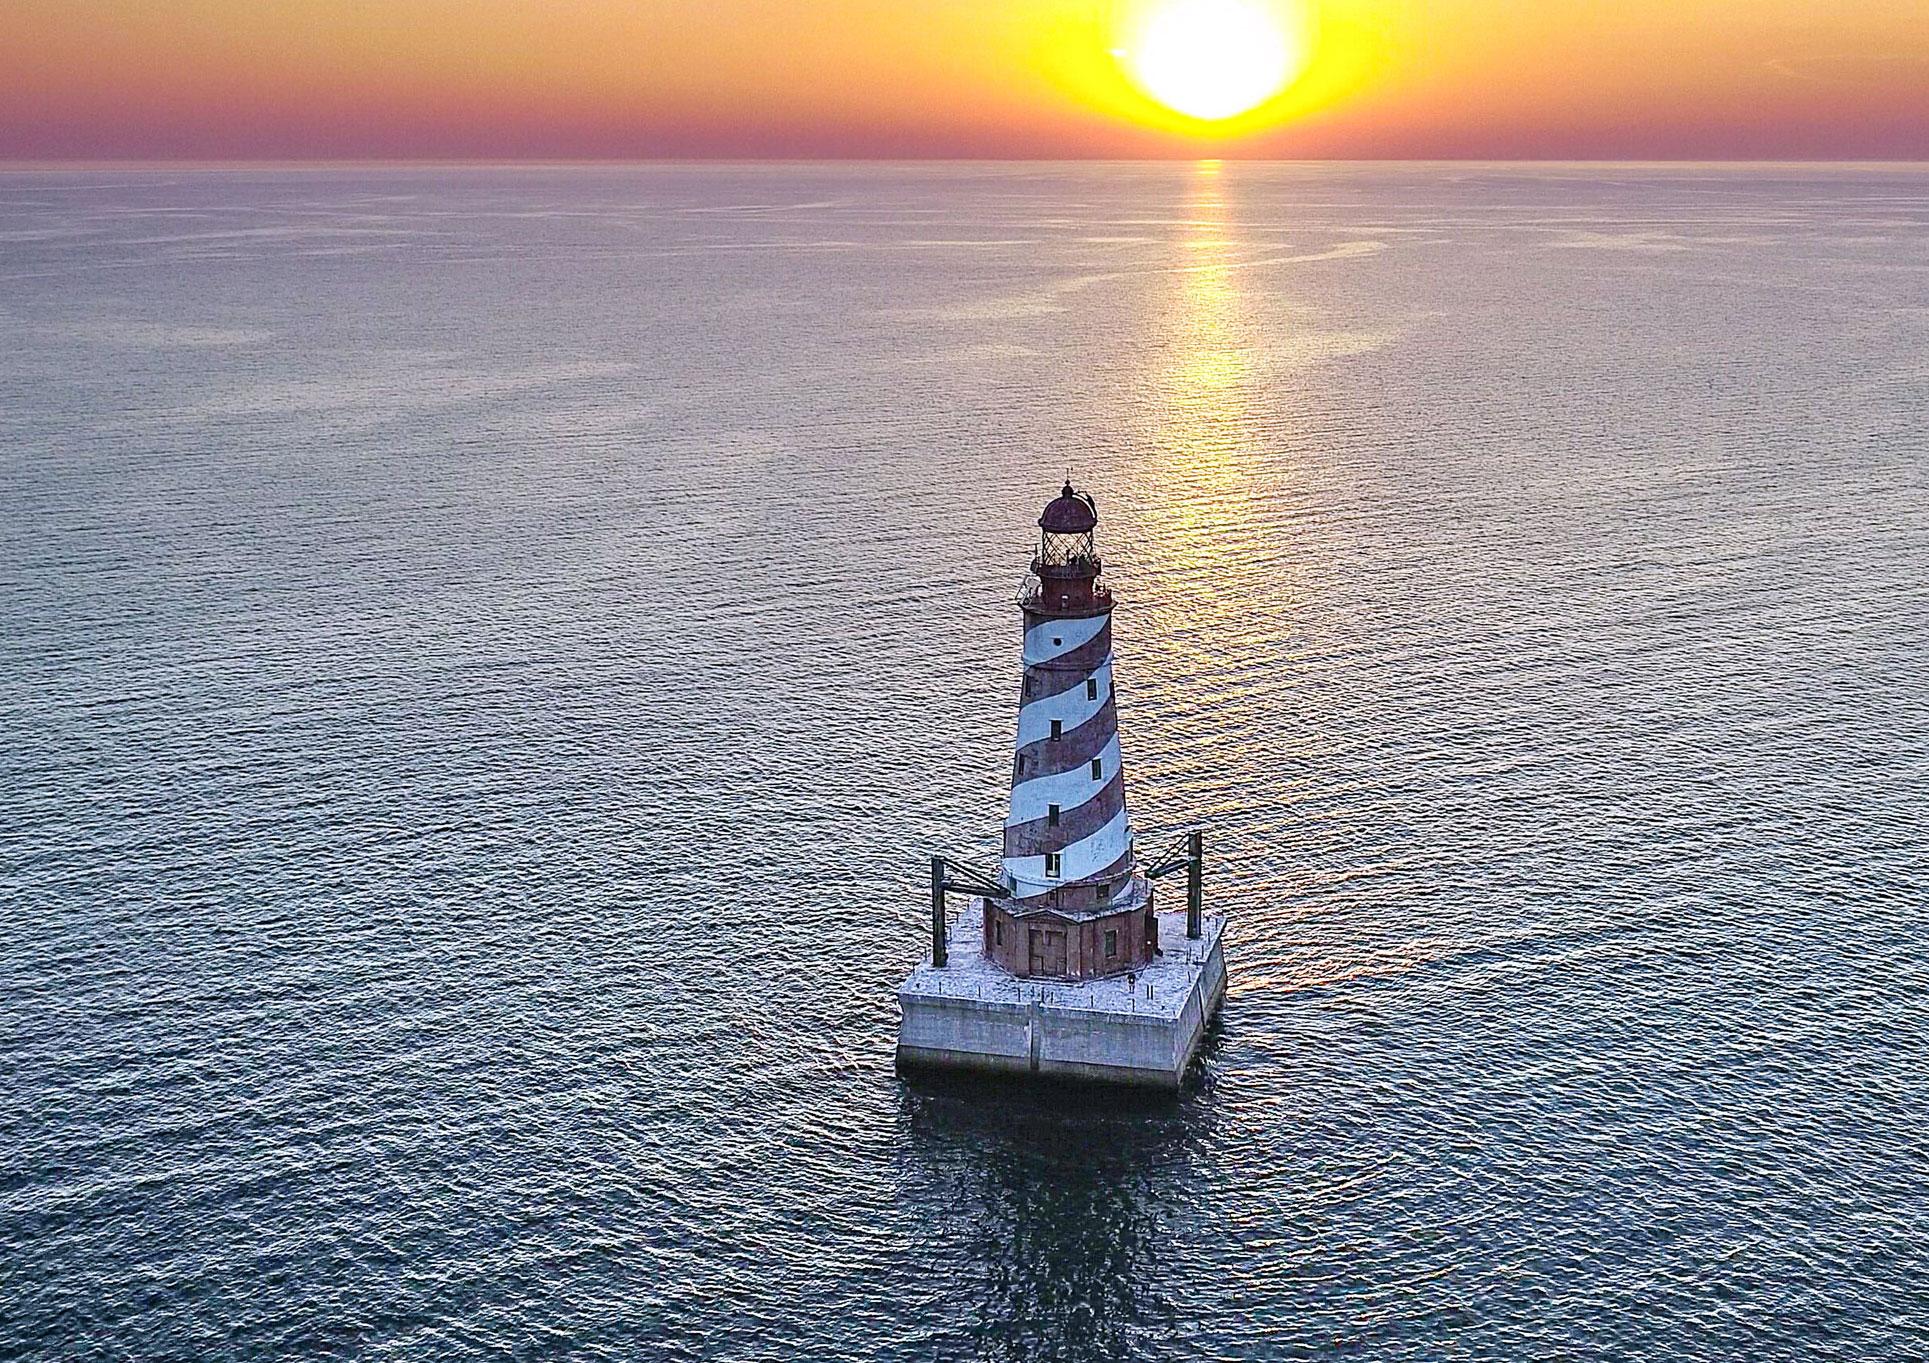 White Shoal LIght lighthouse